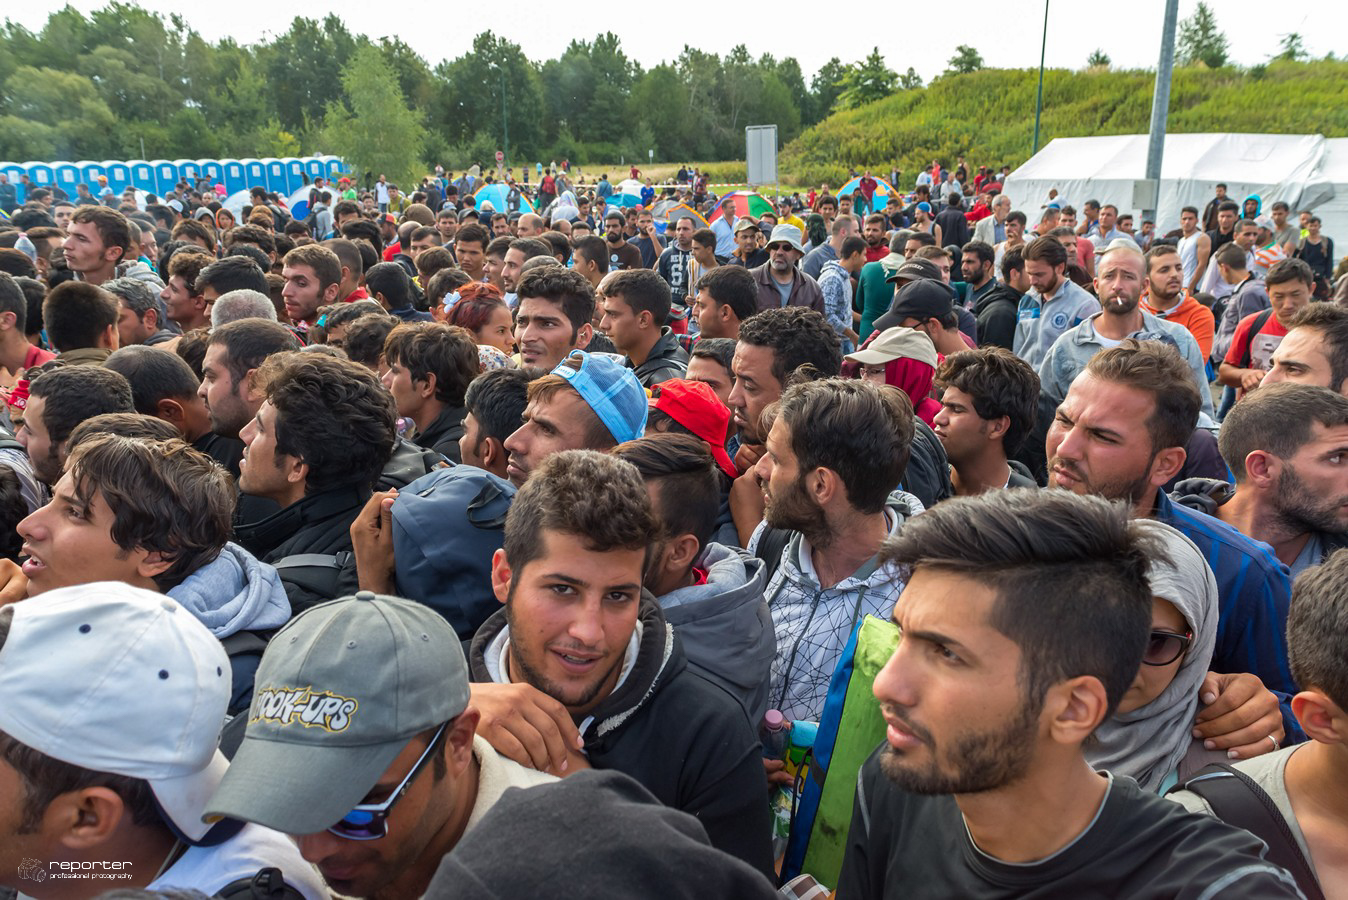 Verfassungsschutz: 1.900 potentielle islamische Terroristen im Land